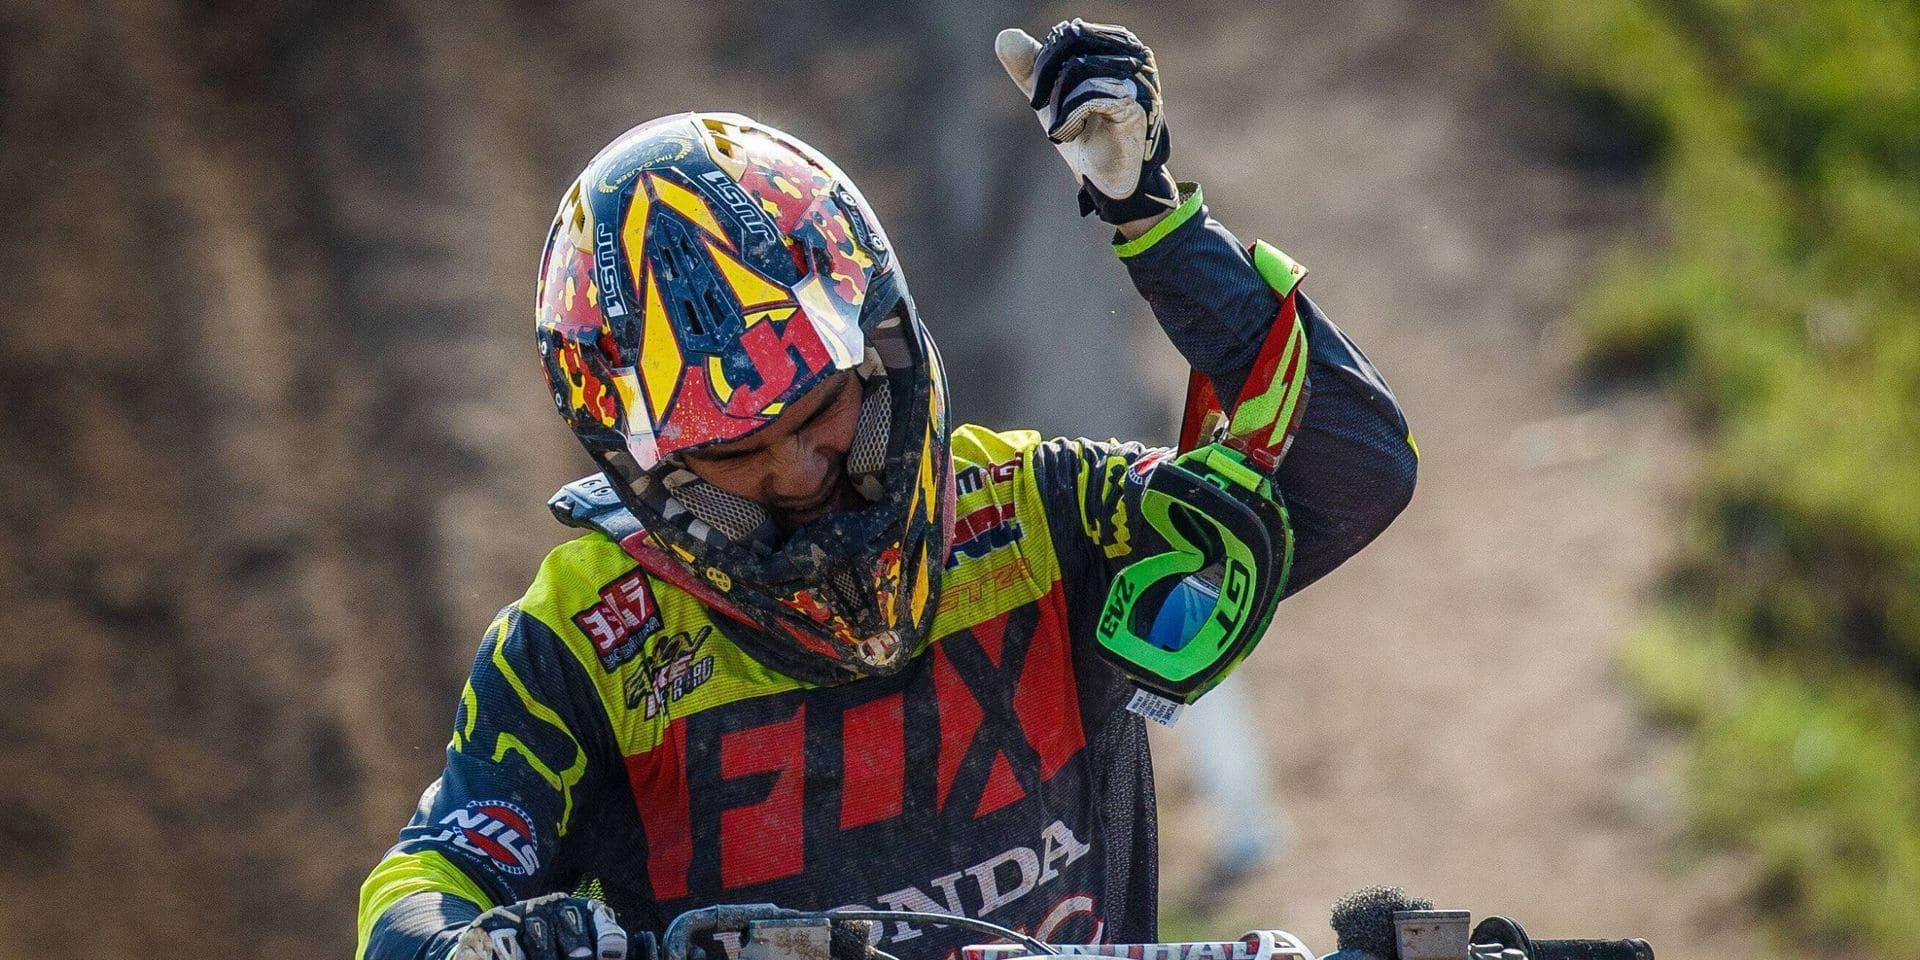 Championnat du monde de motocross: Tim Gajser remporte la première course en Lettonie, théâtre de la reprise du motocross